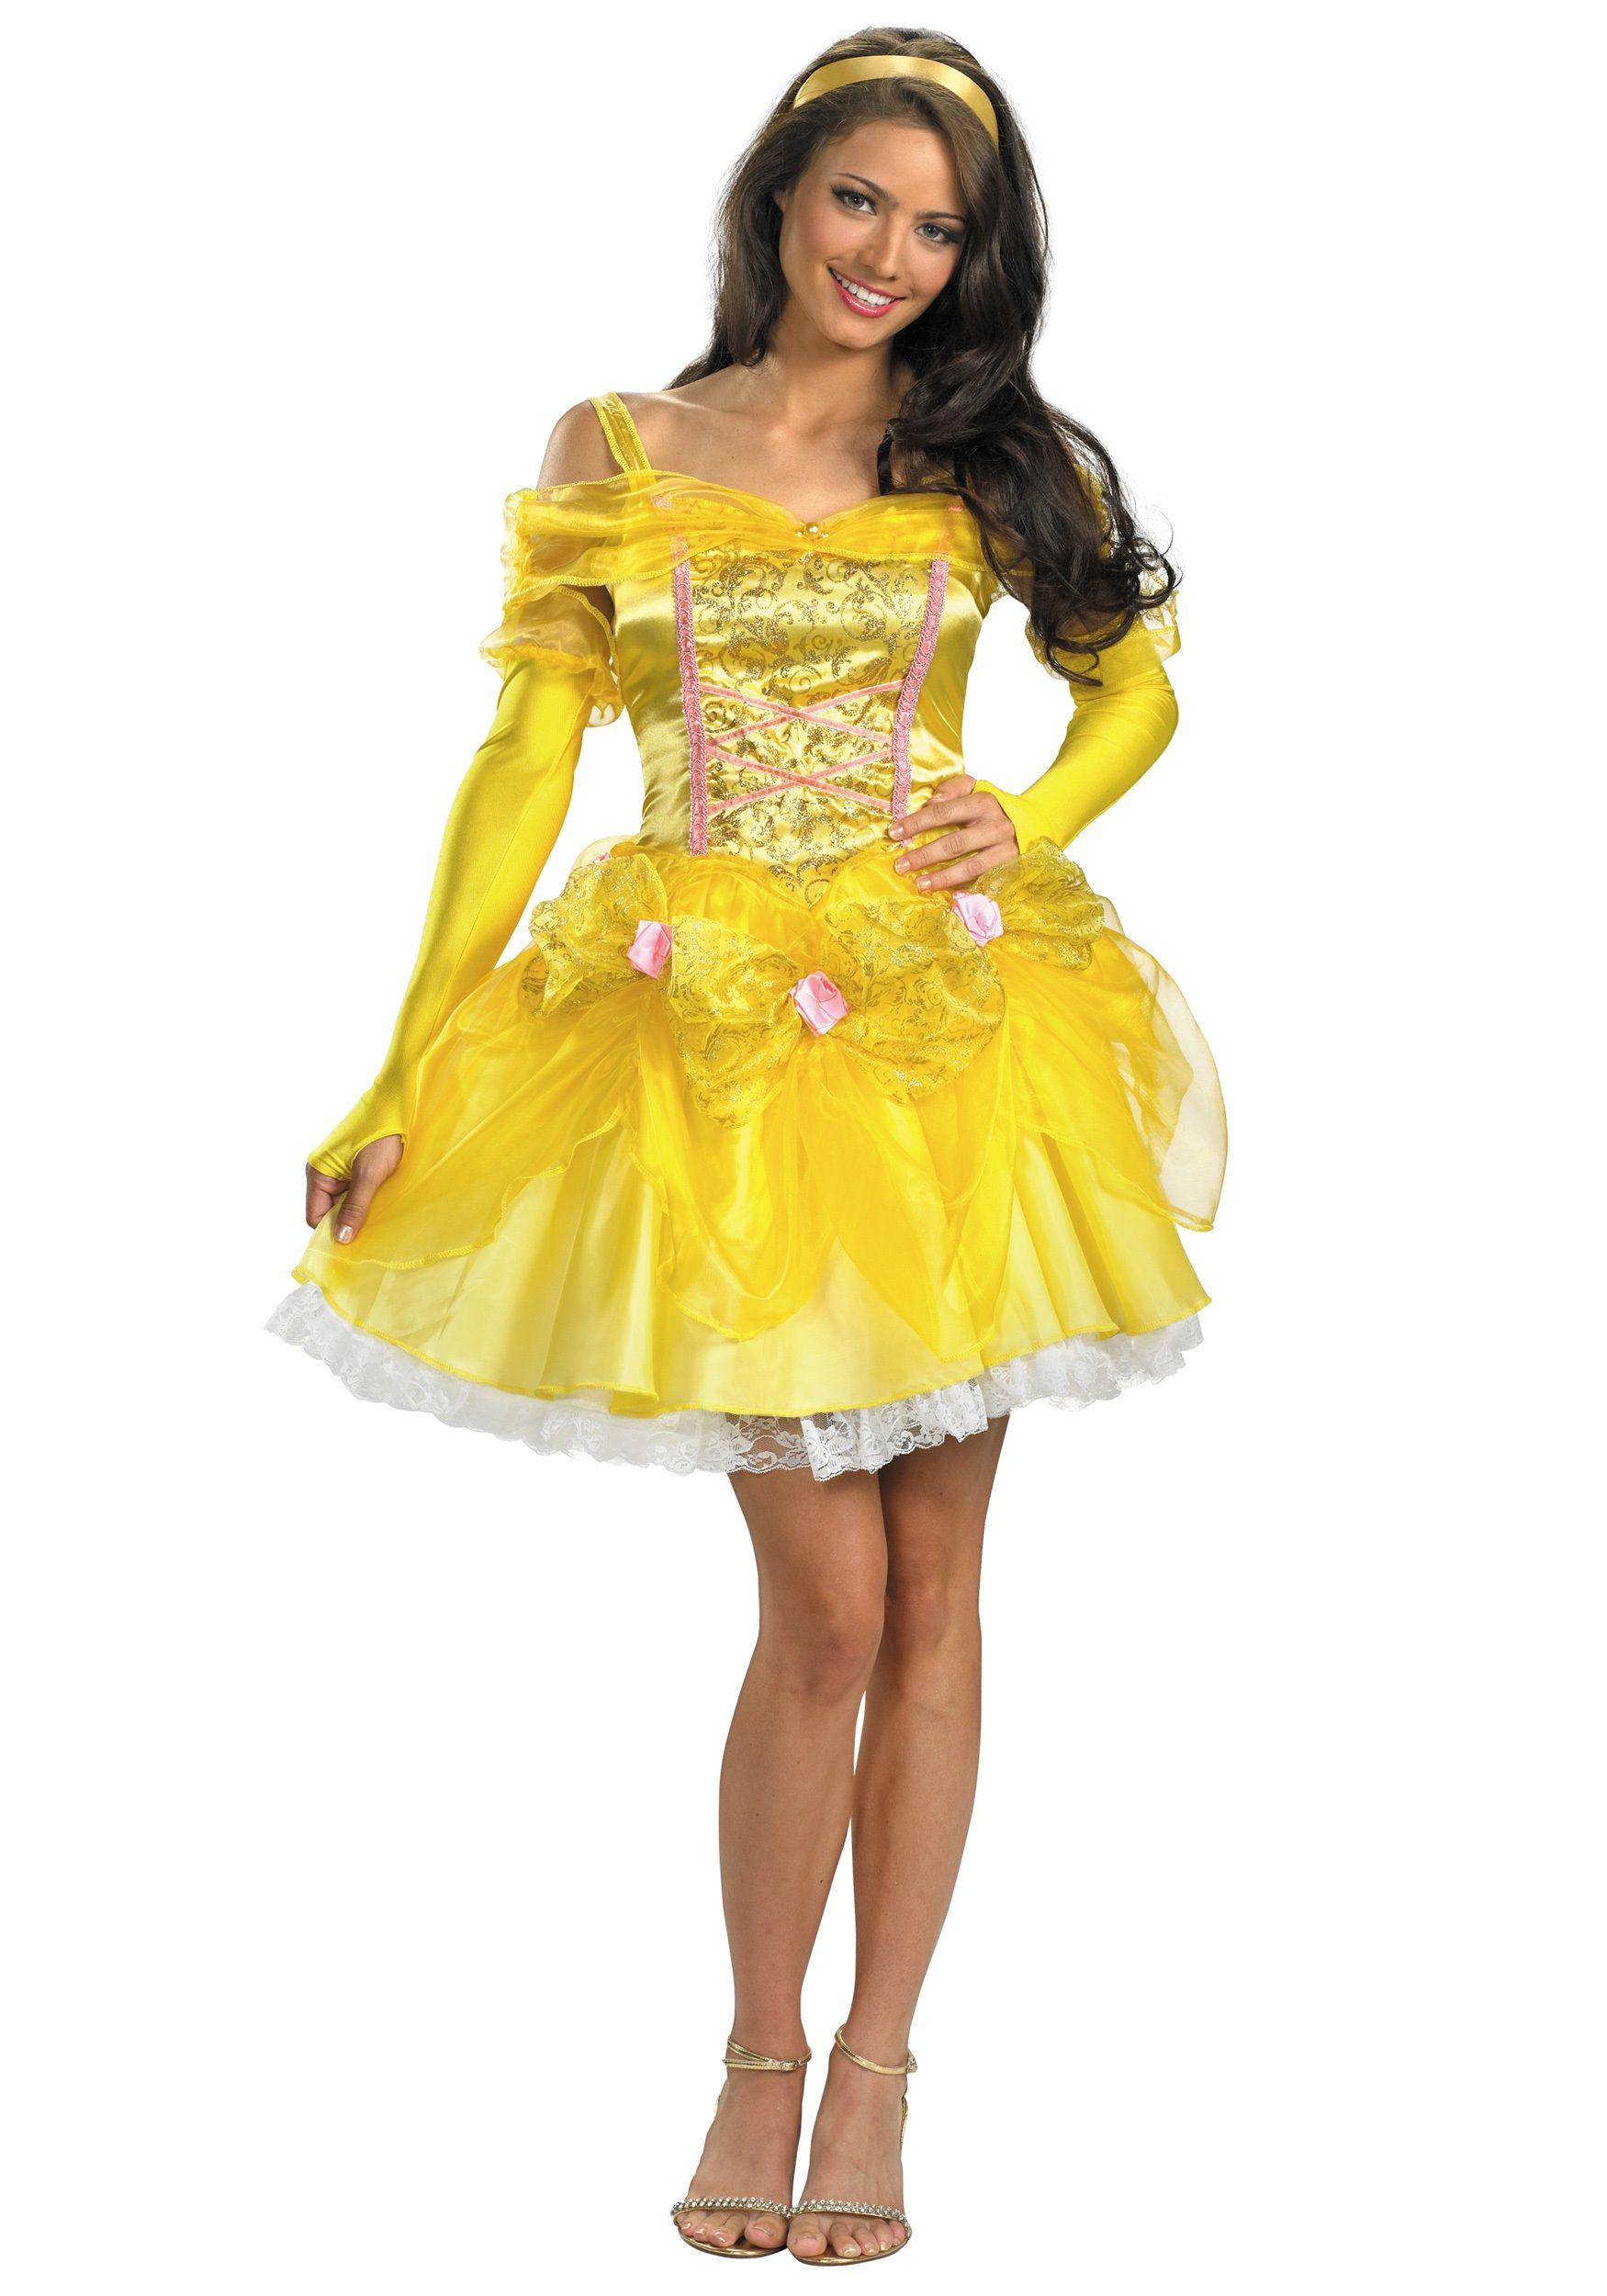 sexy-princess-belle-costume.jpg 1,750×2,500 pixels | Halloween ...